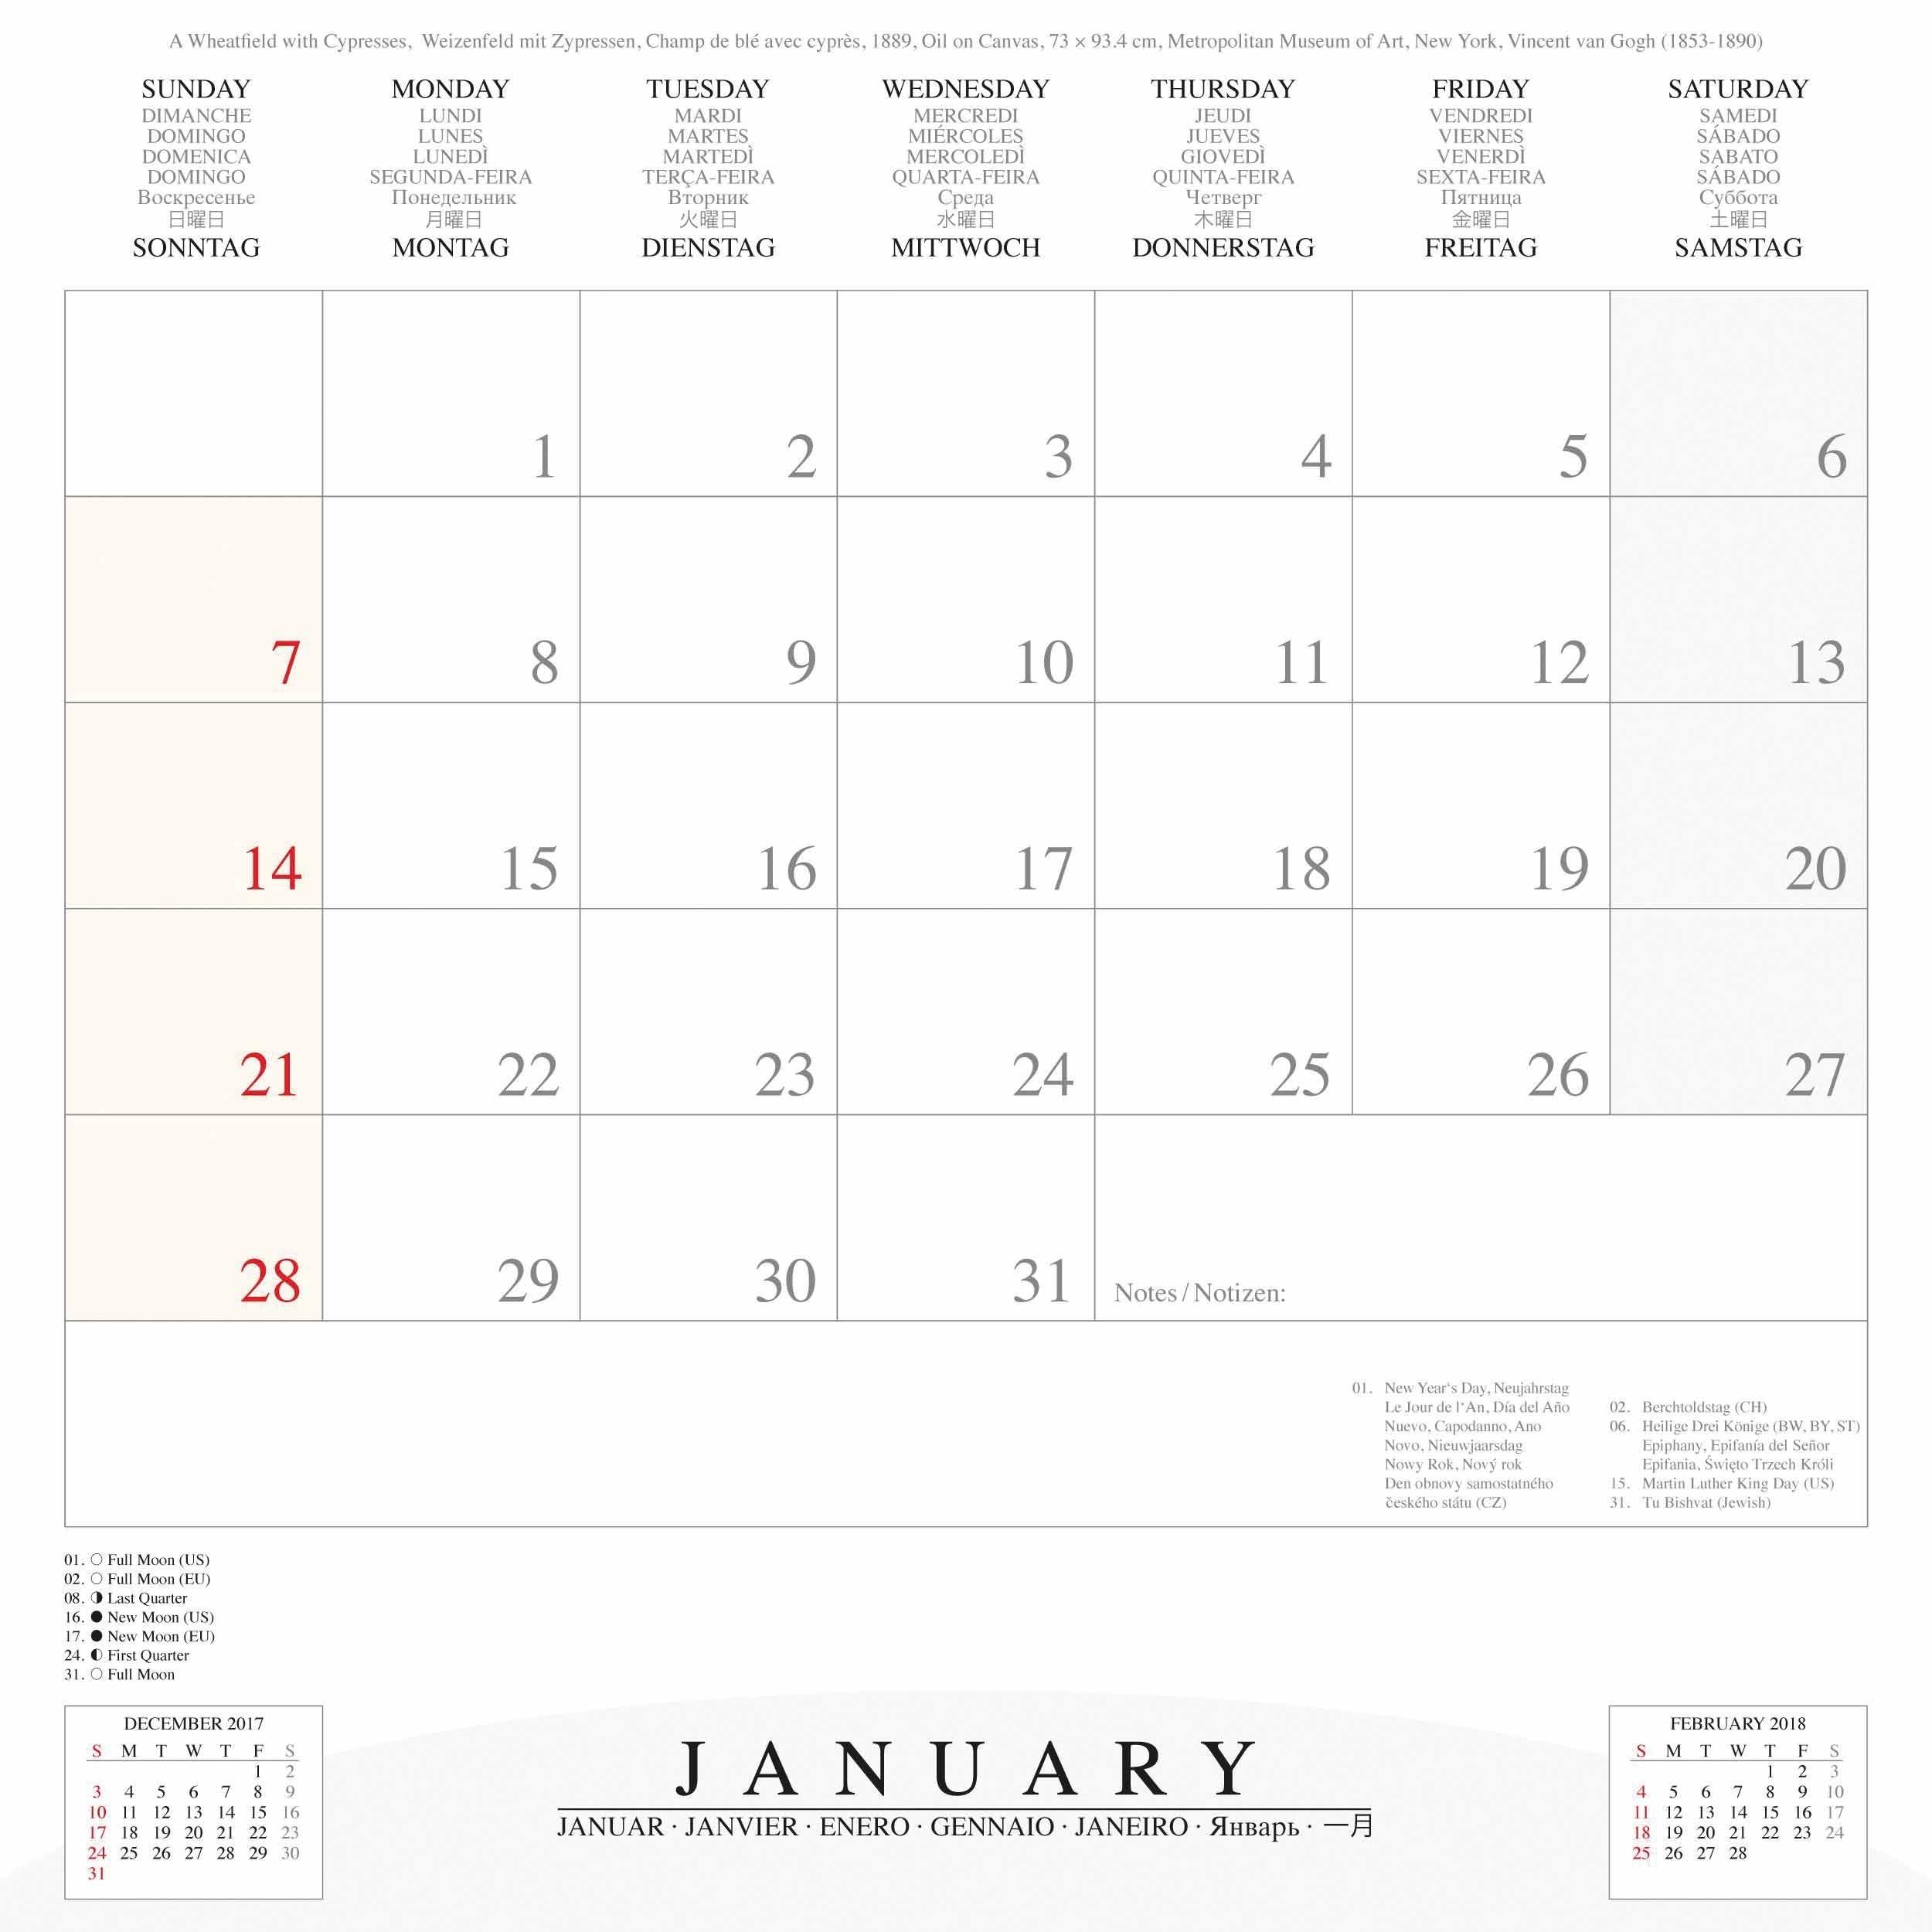 1889 Calendar Uk   Qualads